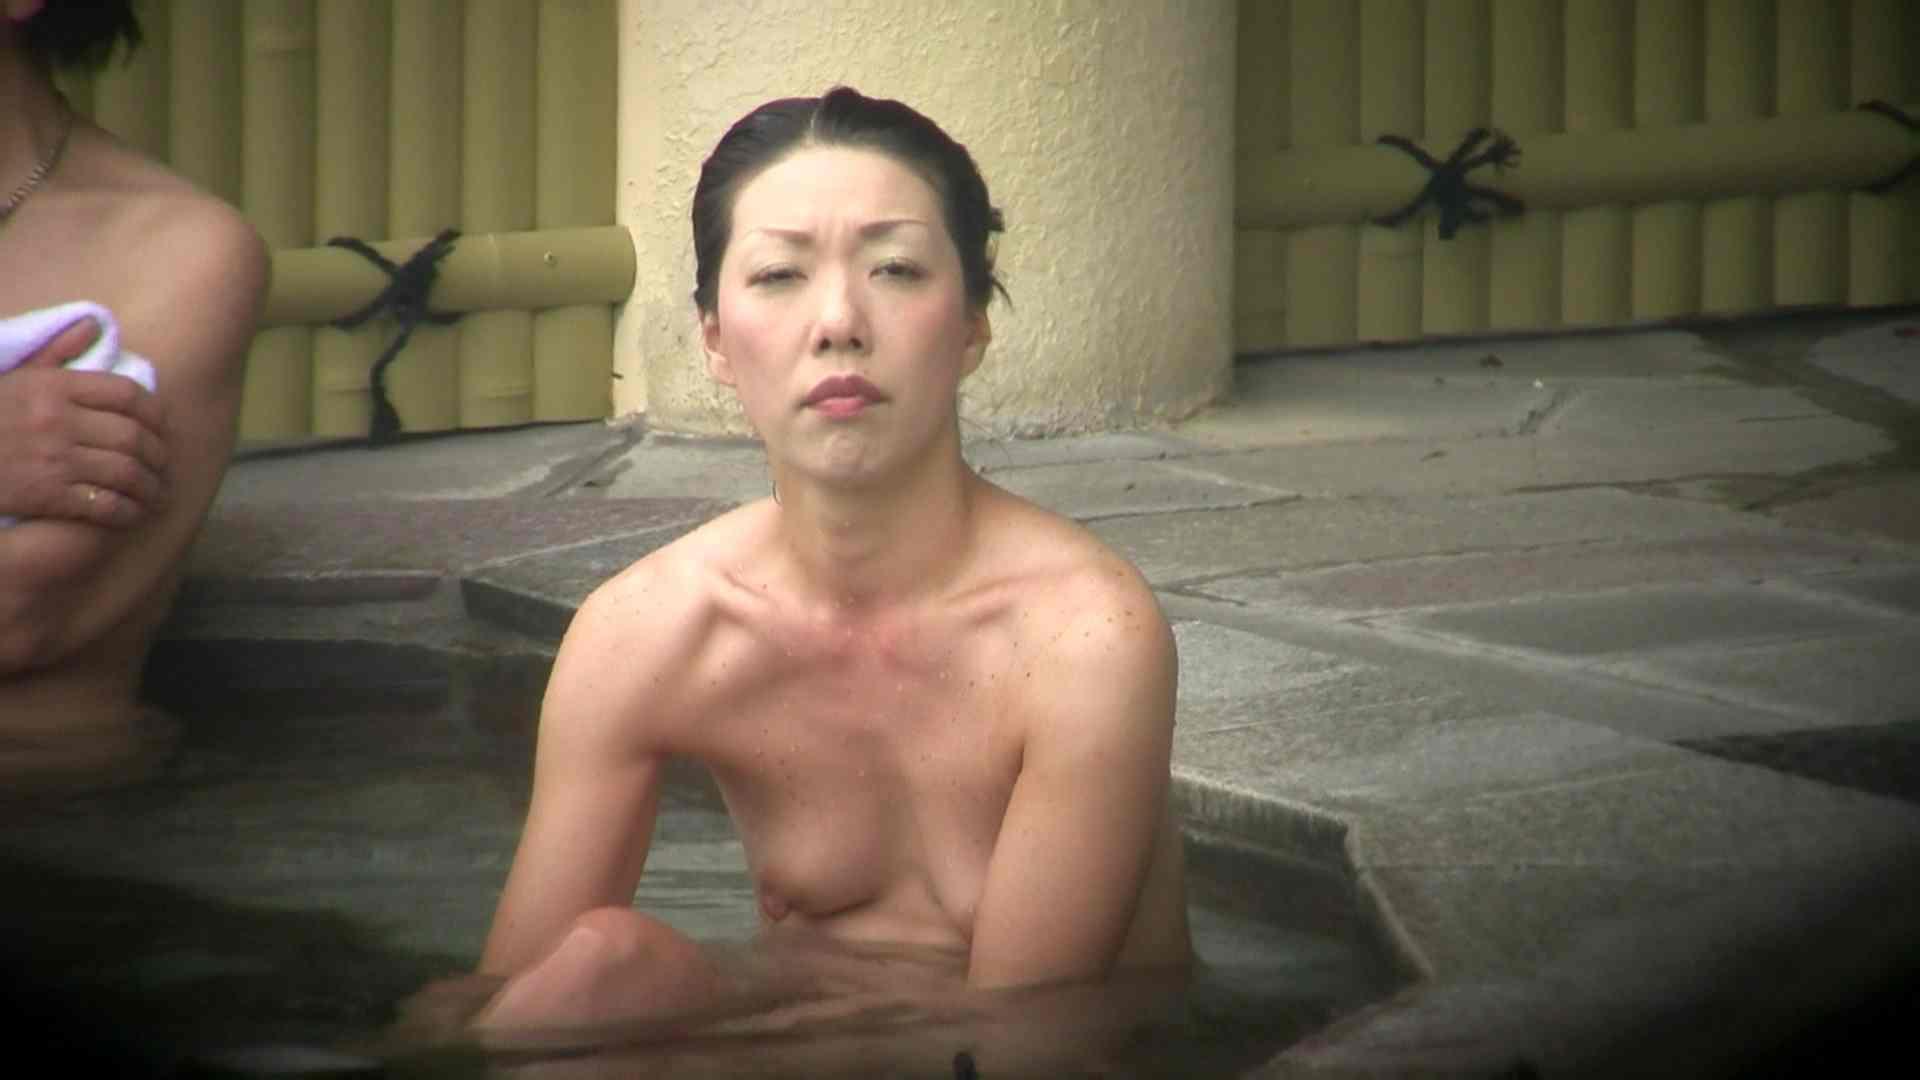 高画質露天女風呂観察 vol.036 高画質 | 女風呂  85pic 29